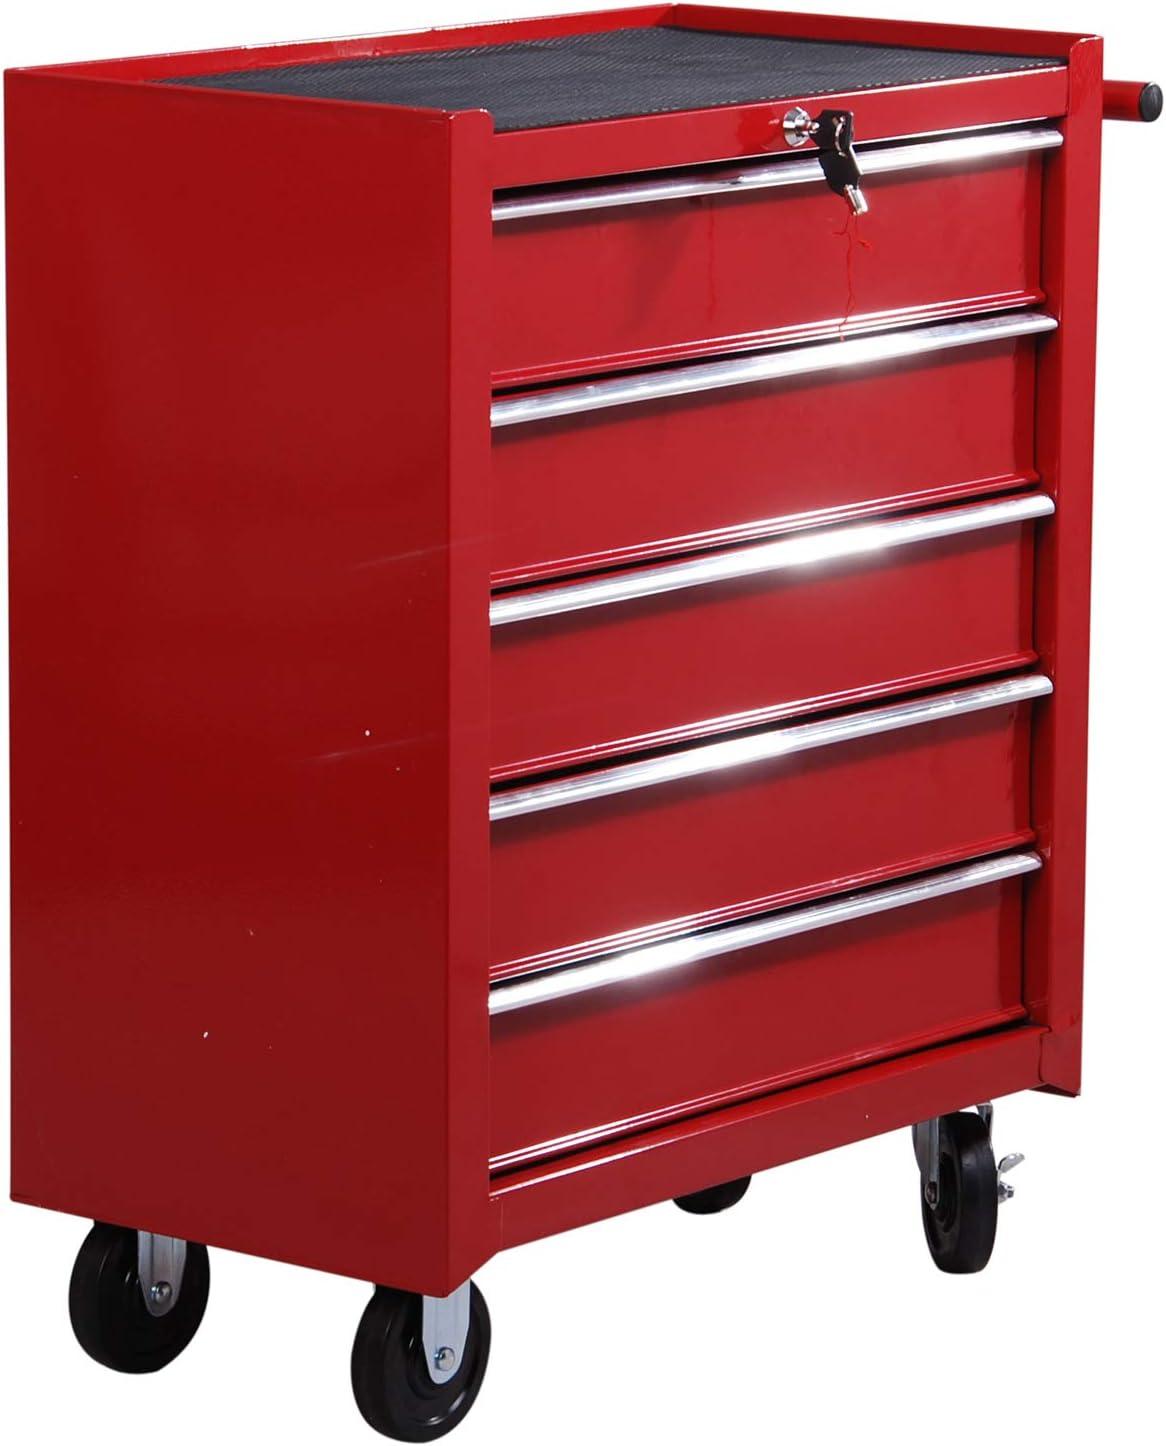 HOMCOM Carrito de Taller para Herramientas, con Ruedas, Caja de Herramientas con 5 cajones, 1 Unidad, Color Rojo